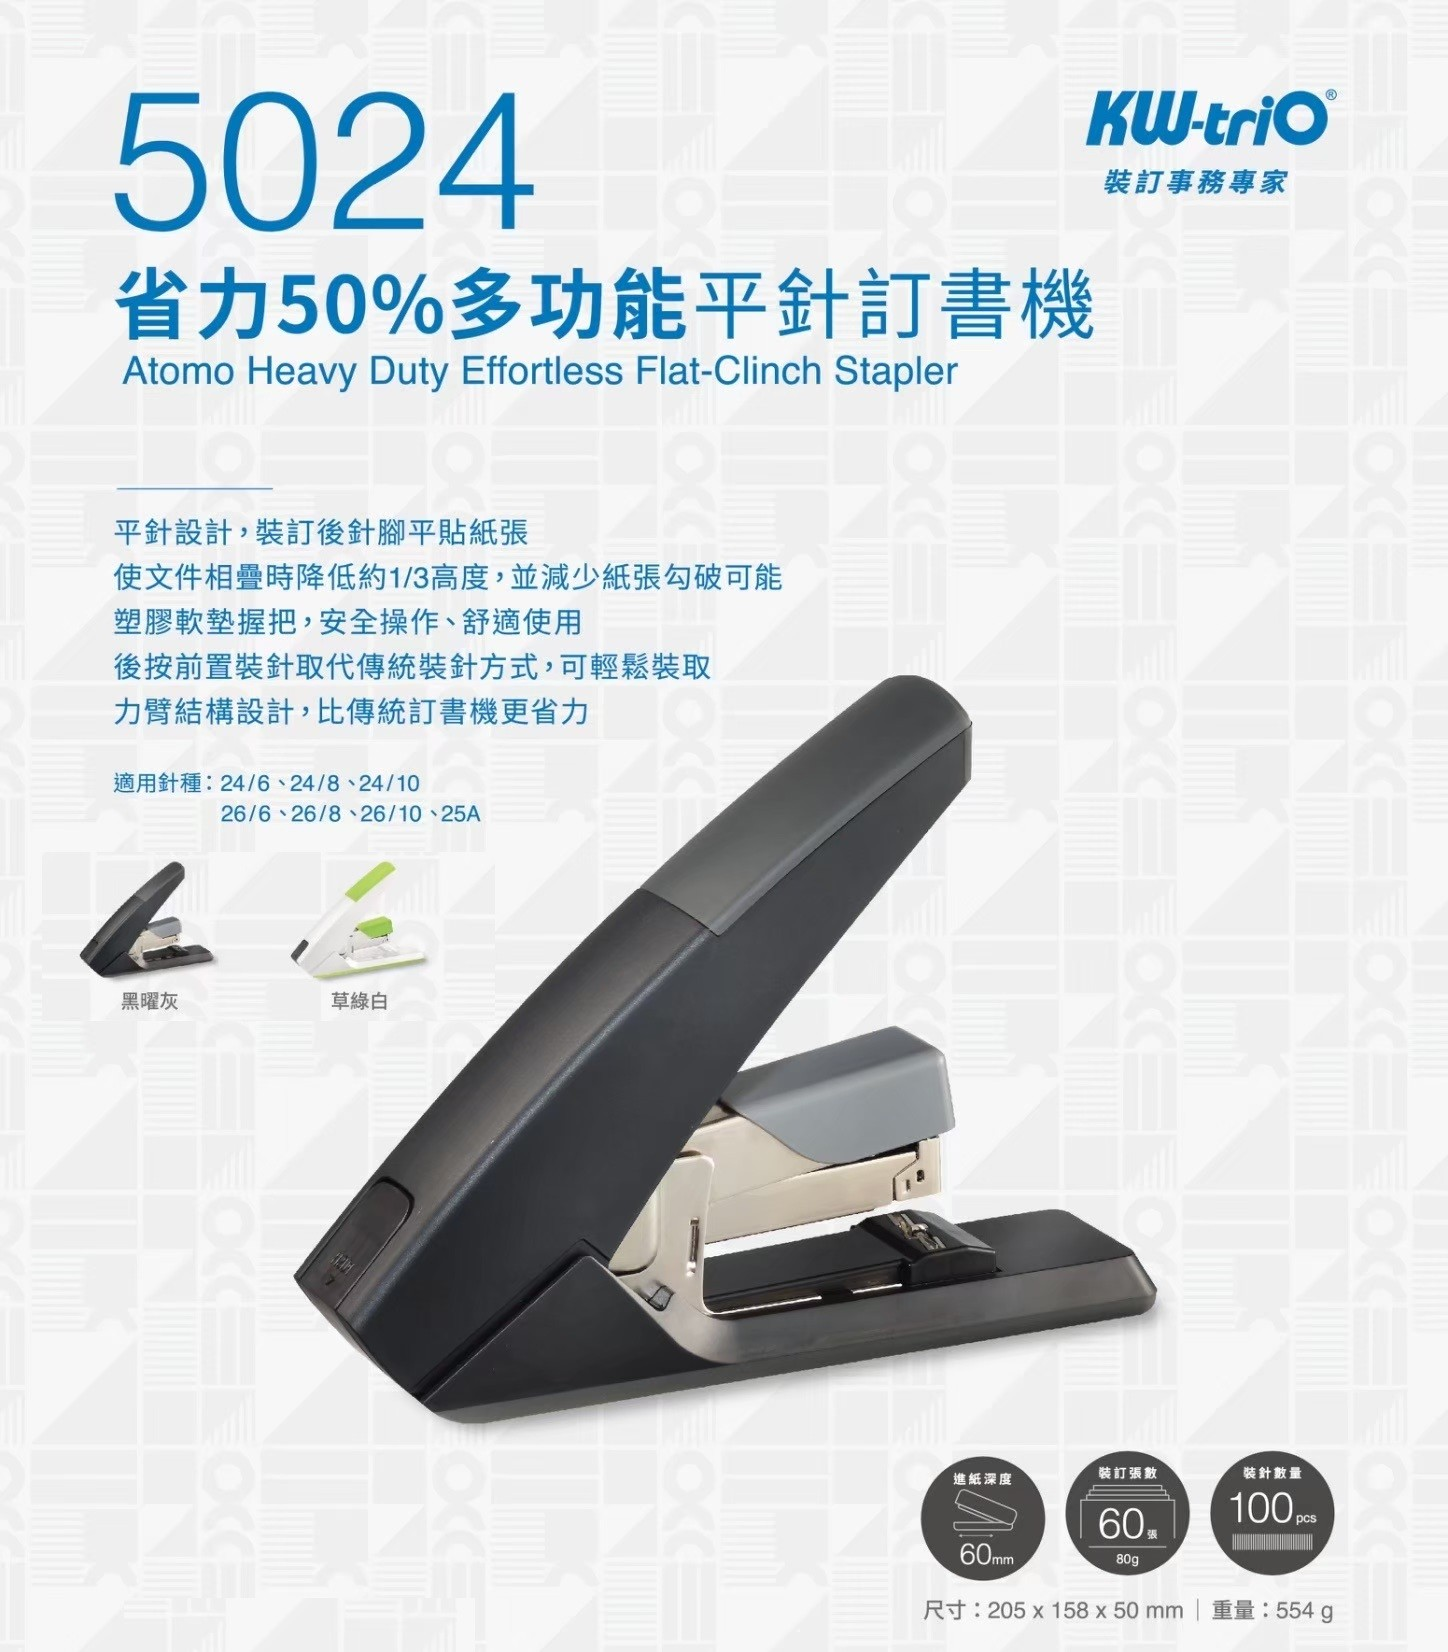 【芥菜籽文具】// 欣美勝 KW-TRIO系列 // 5024 多功能平針 訂書機 (省力50%) ~~可釘60張~~